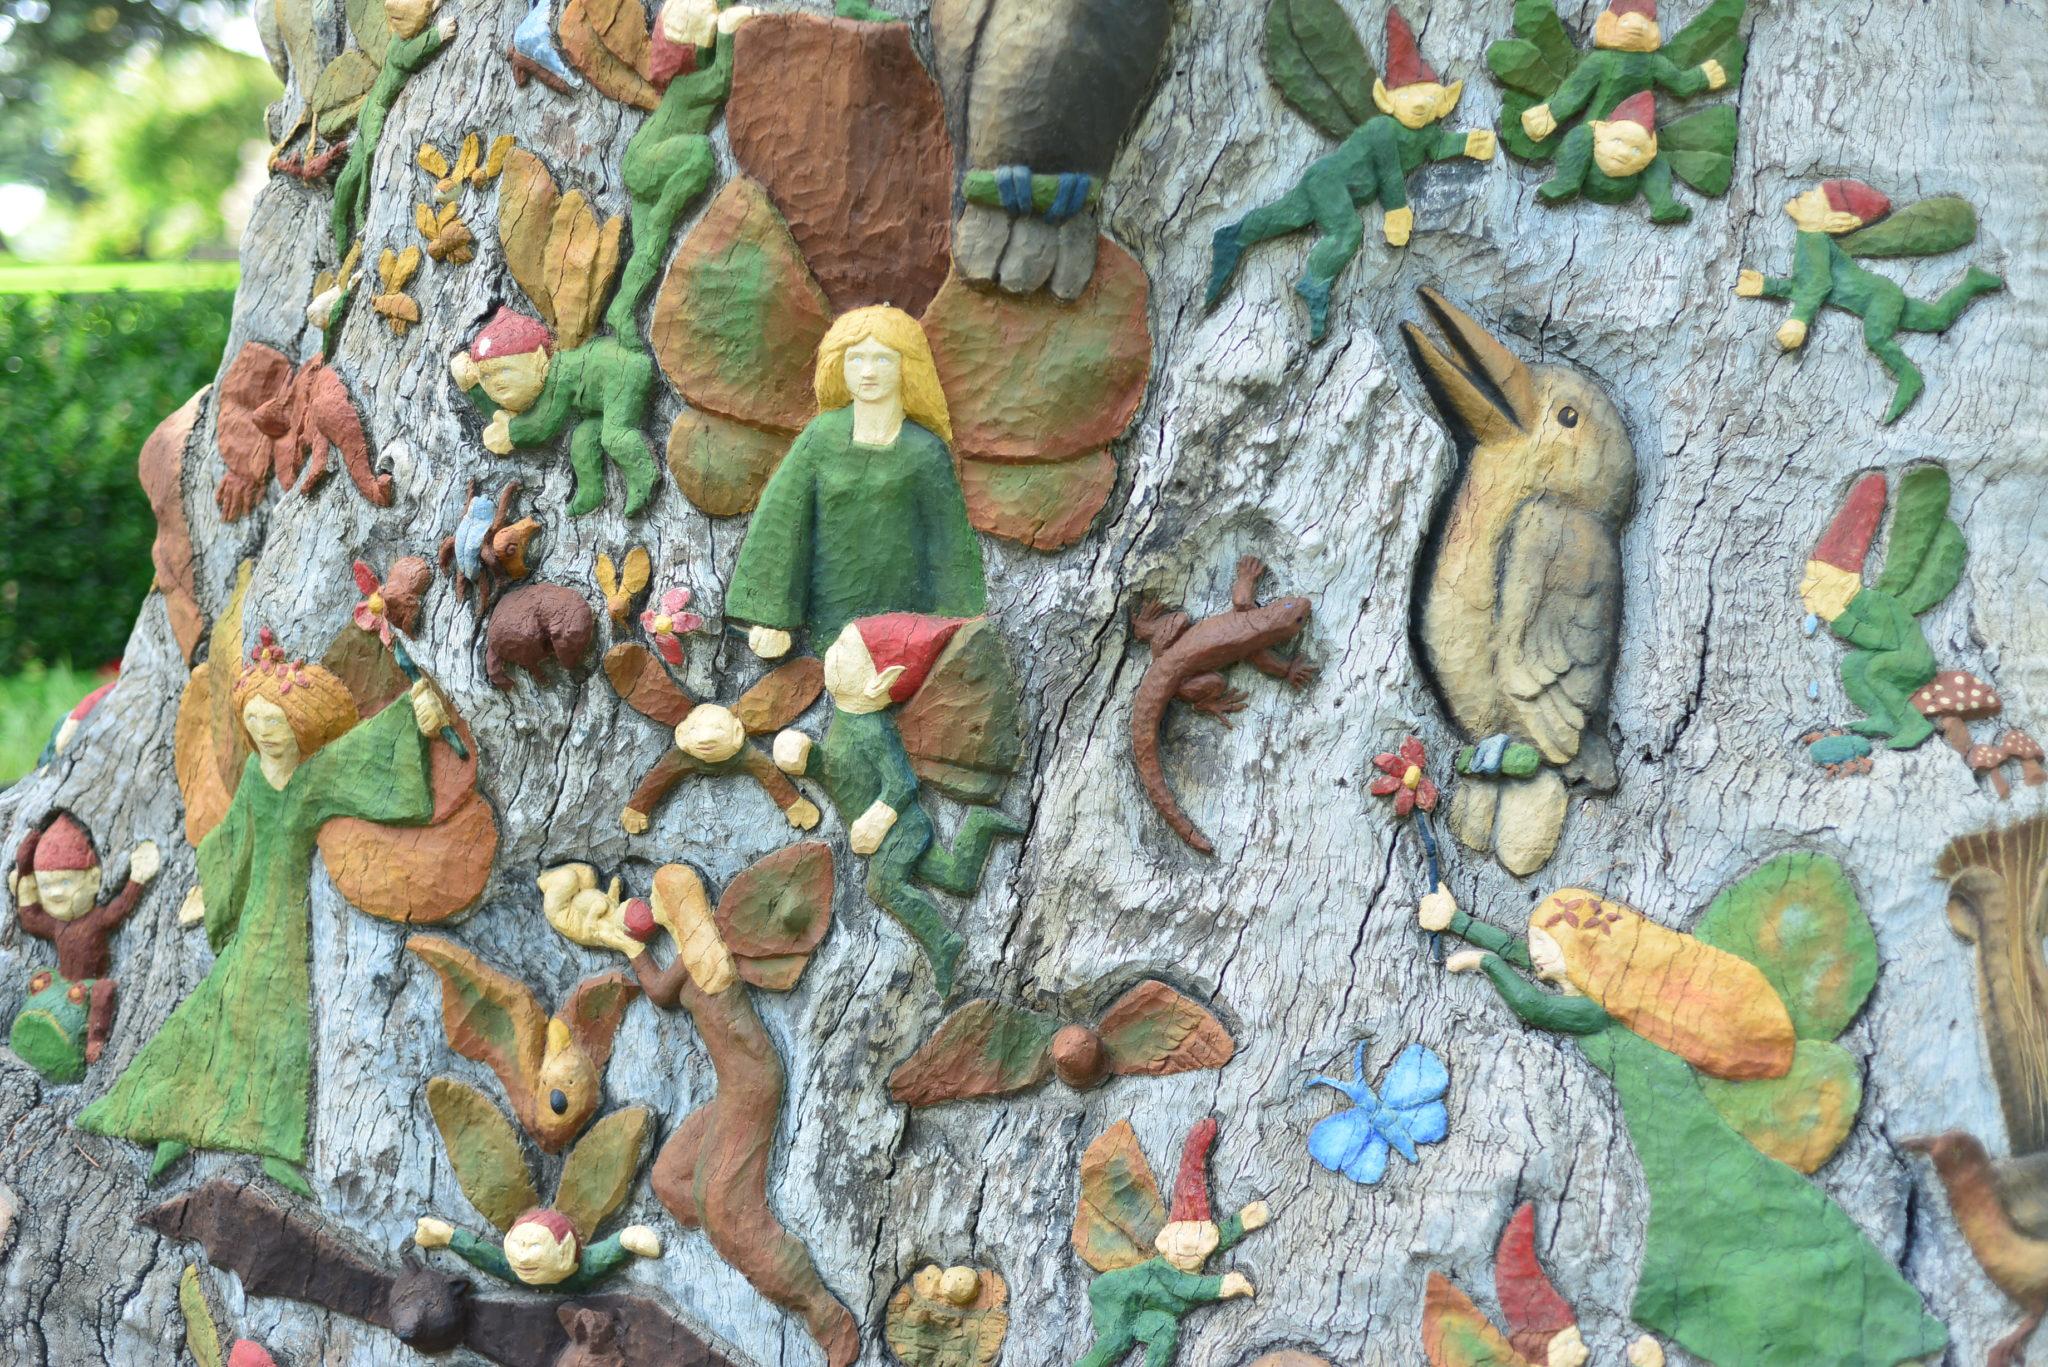 Ola Cohn's Fairy Tree